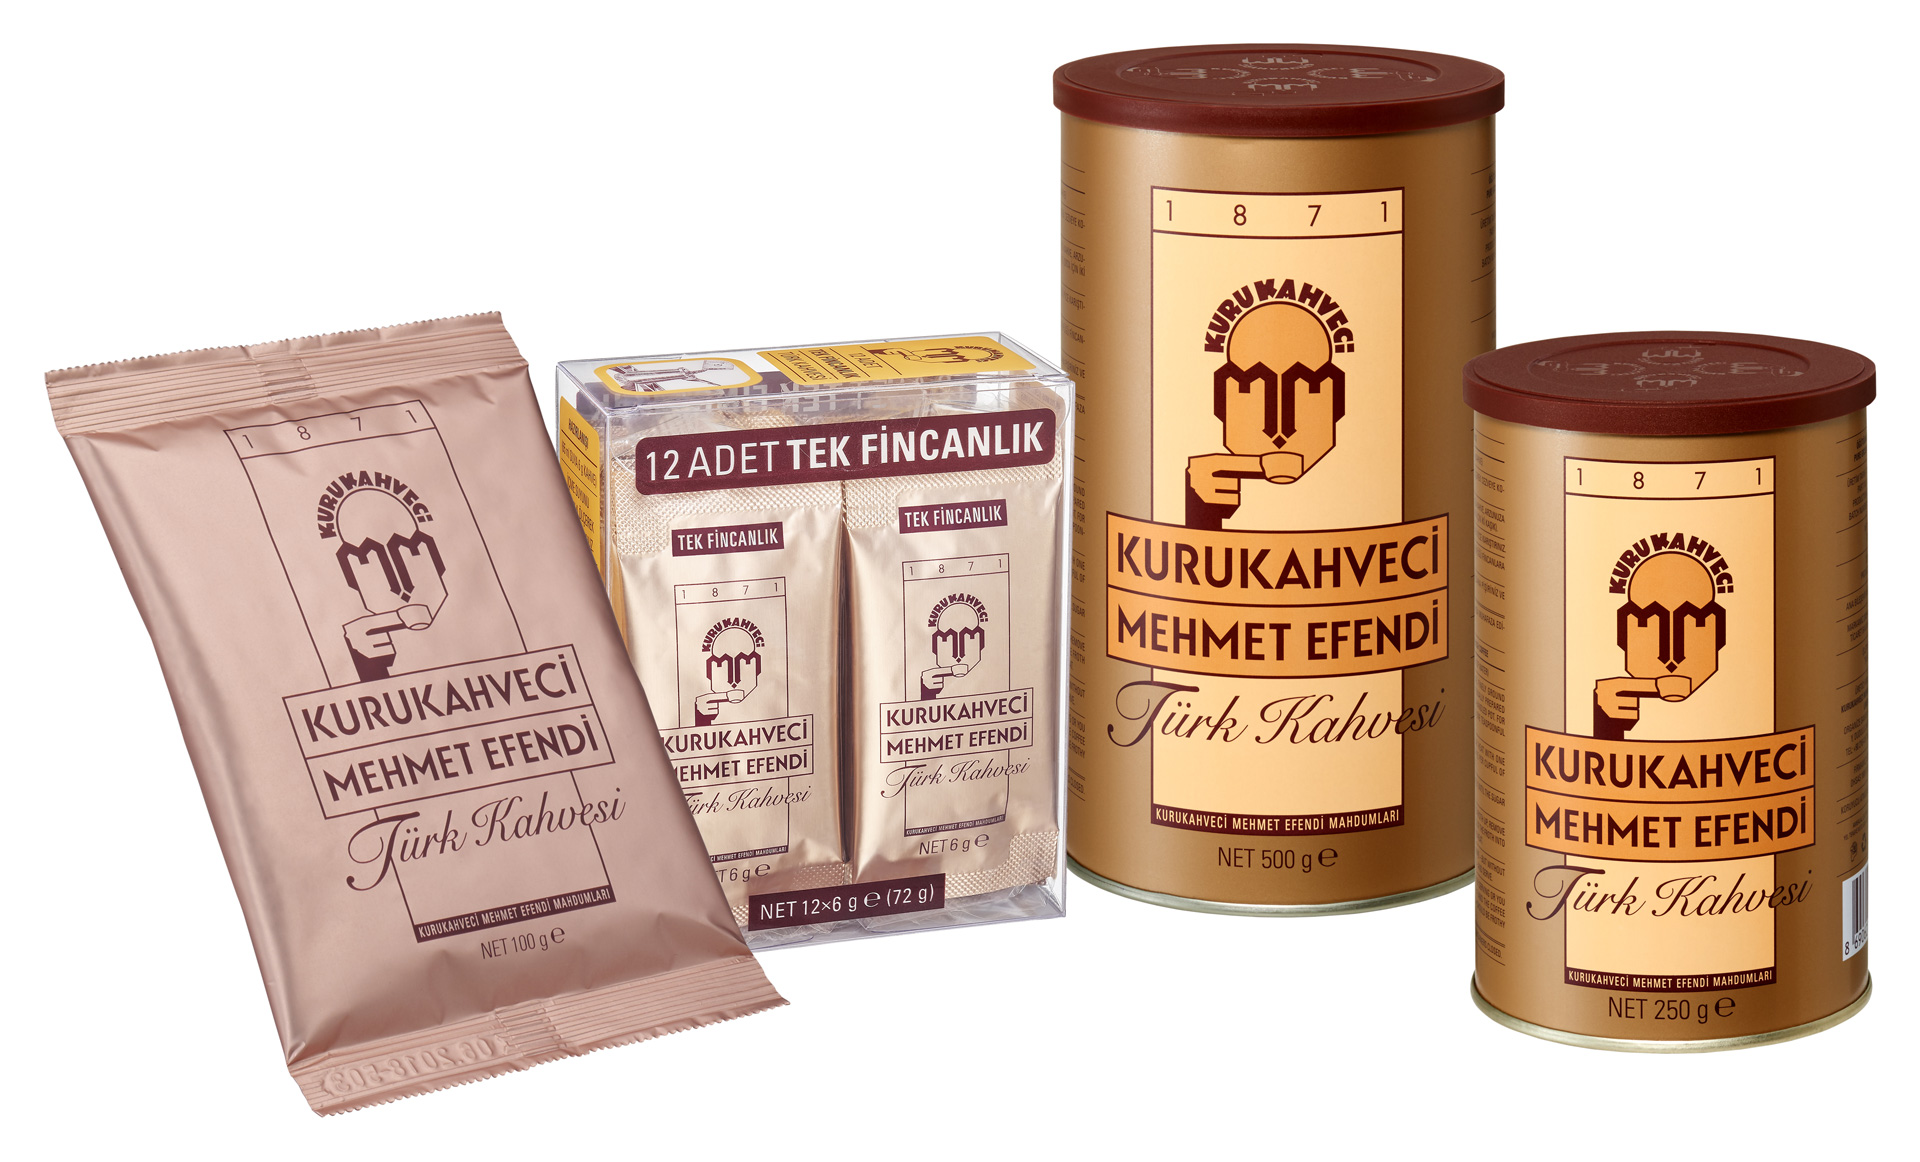 4 сорта турецкого кофе mehmet efendi: мстория турецкого бренда мехмет эфенди, сырьё и производство, ассортимент